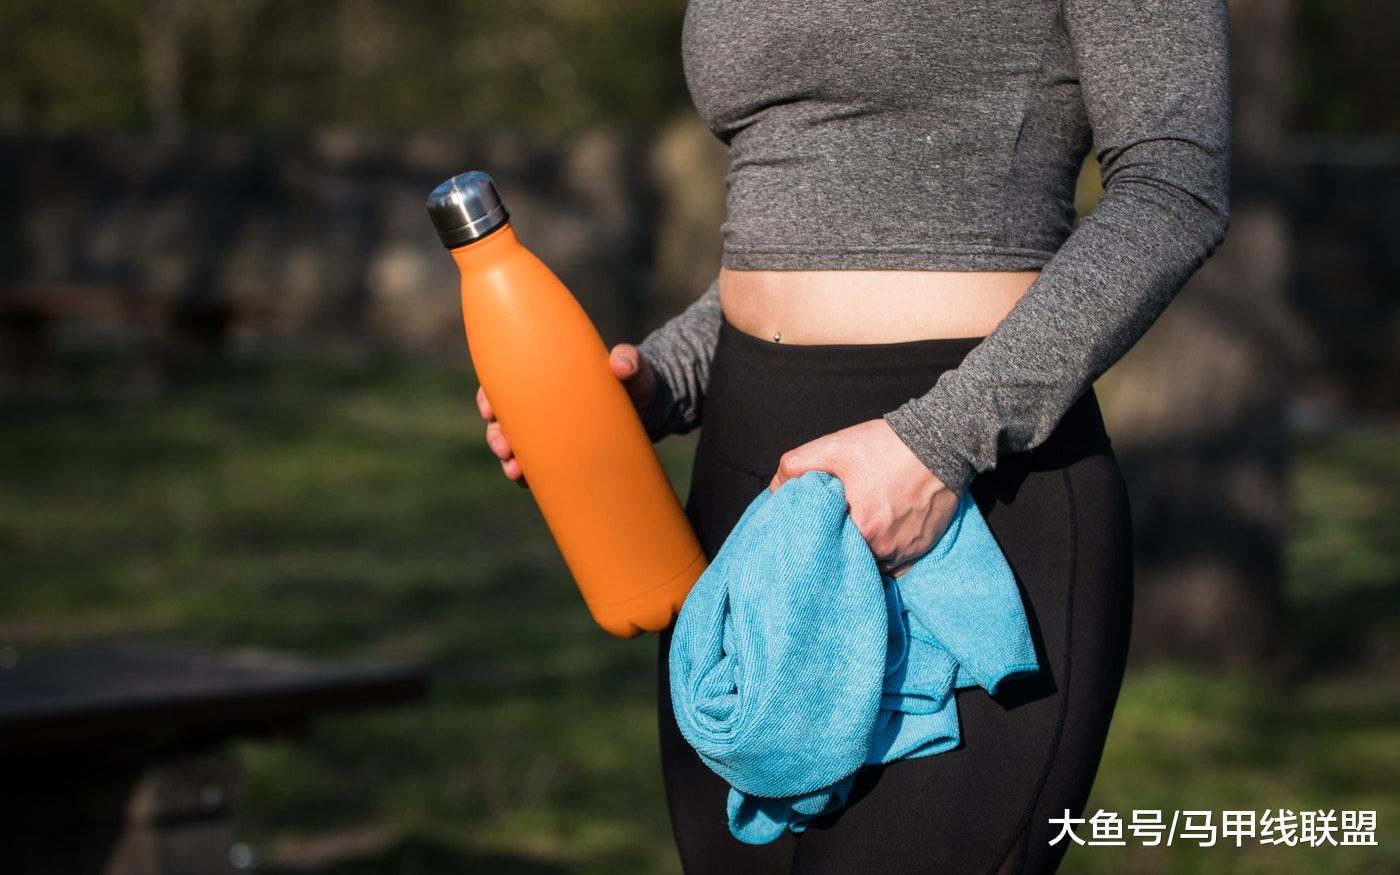 运动过程中, 出汗等于减肥? 流汗越多, 减脂效果越好?